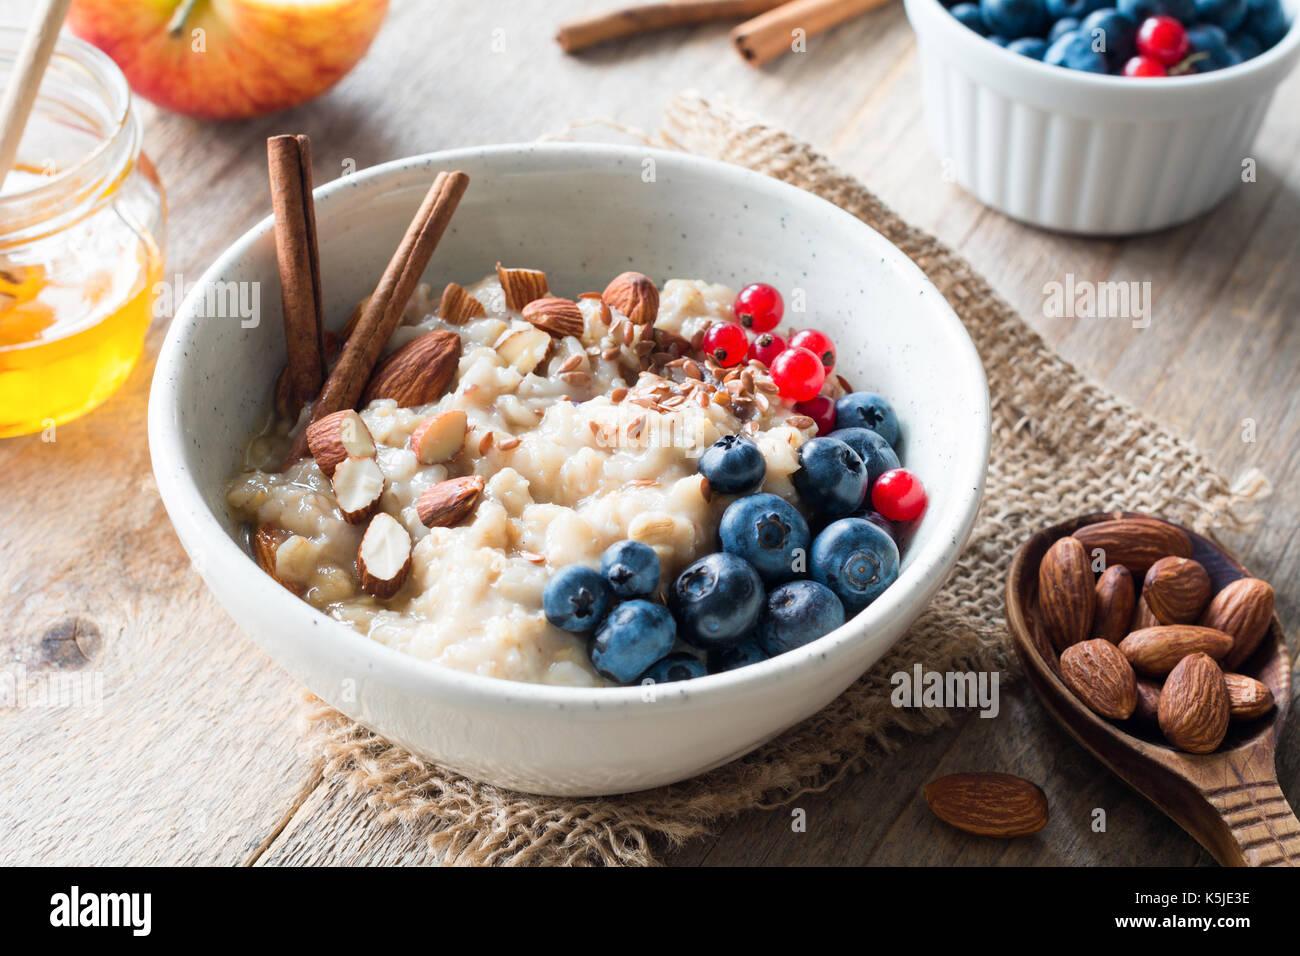 Gachas de avena con arándanos, almendras, canela, miel, linseeds y grosellas en un tazón. Súper alimento saludable nutritivo desayuno Imagen De Stock